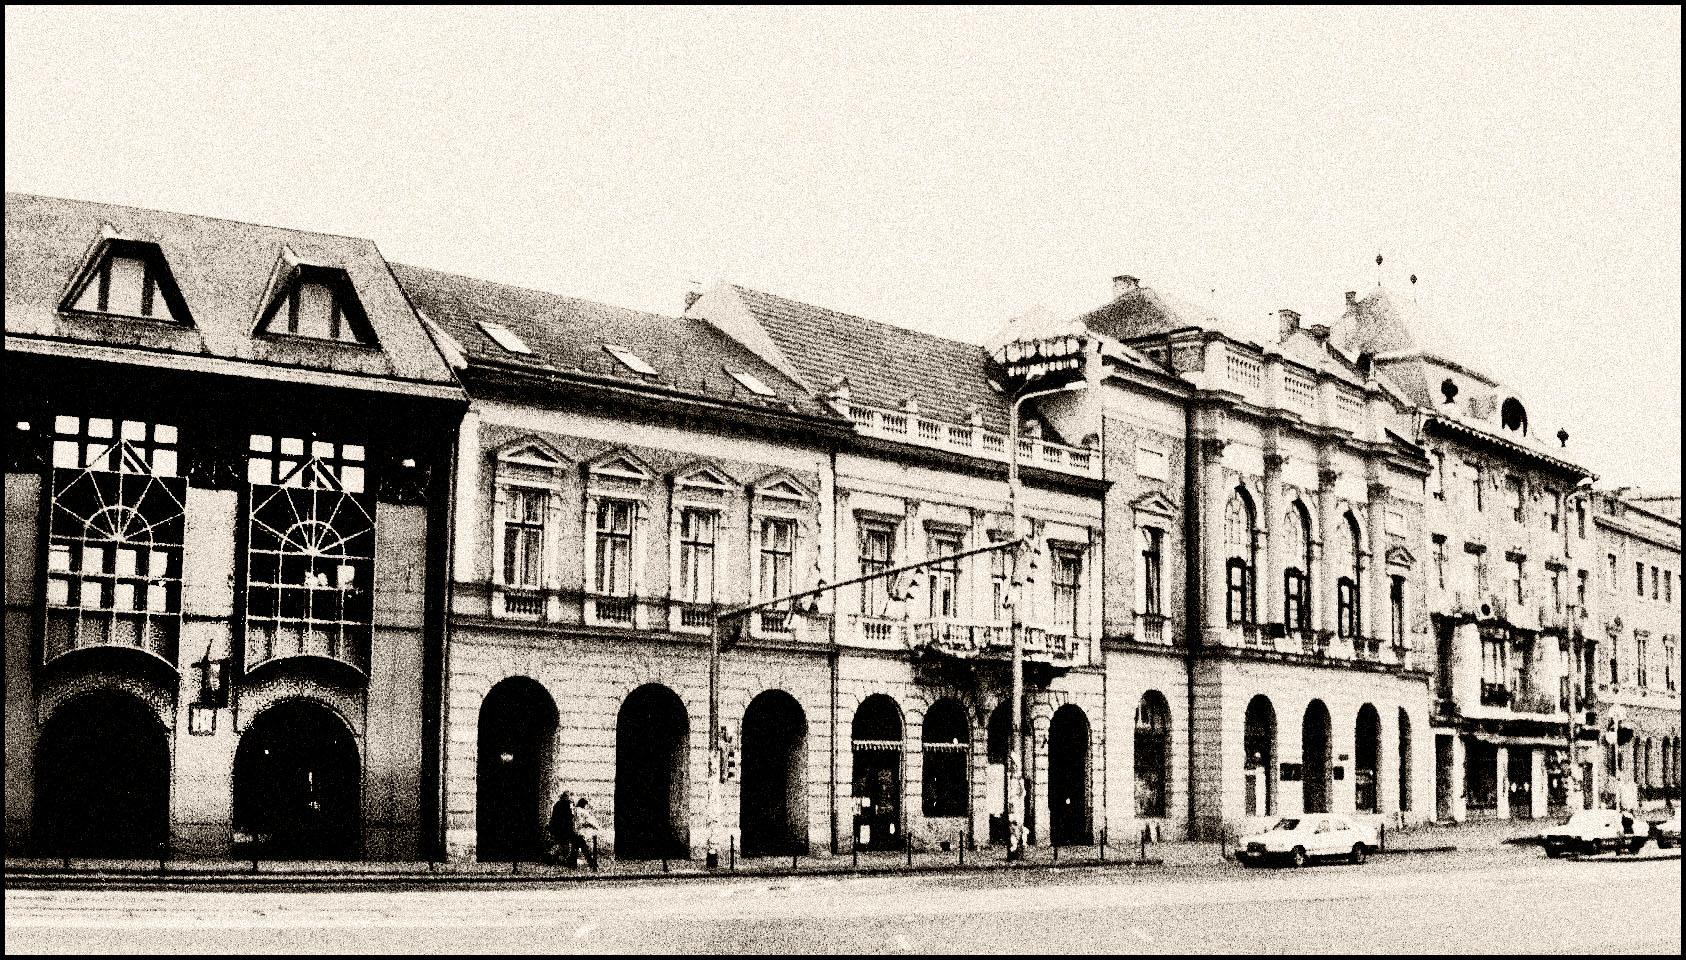 MARKET STREET - DEBRECEN - HUNGARY